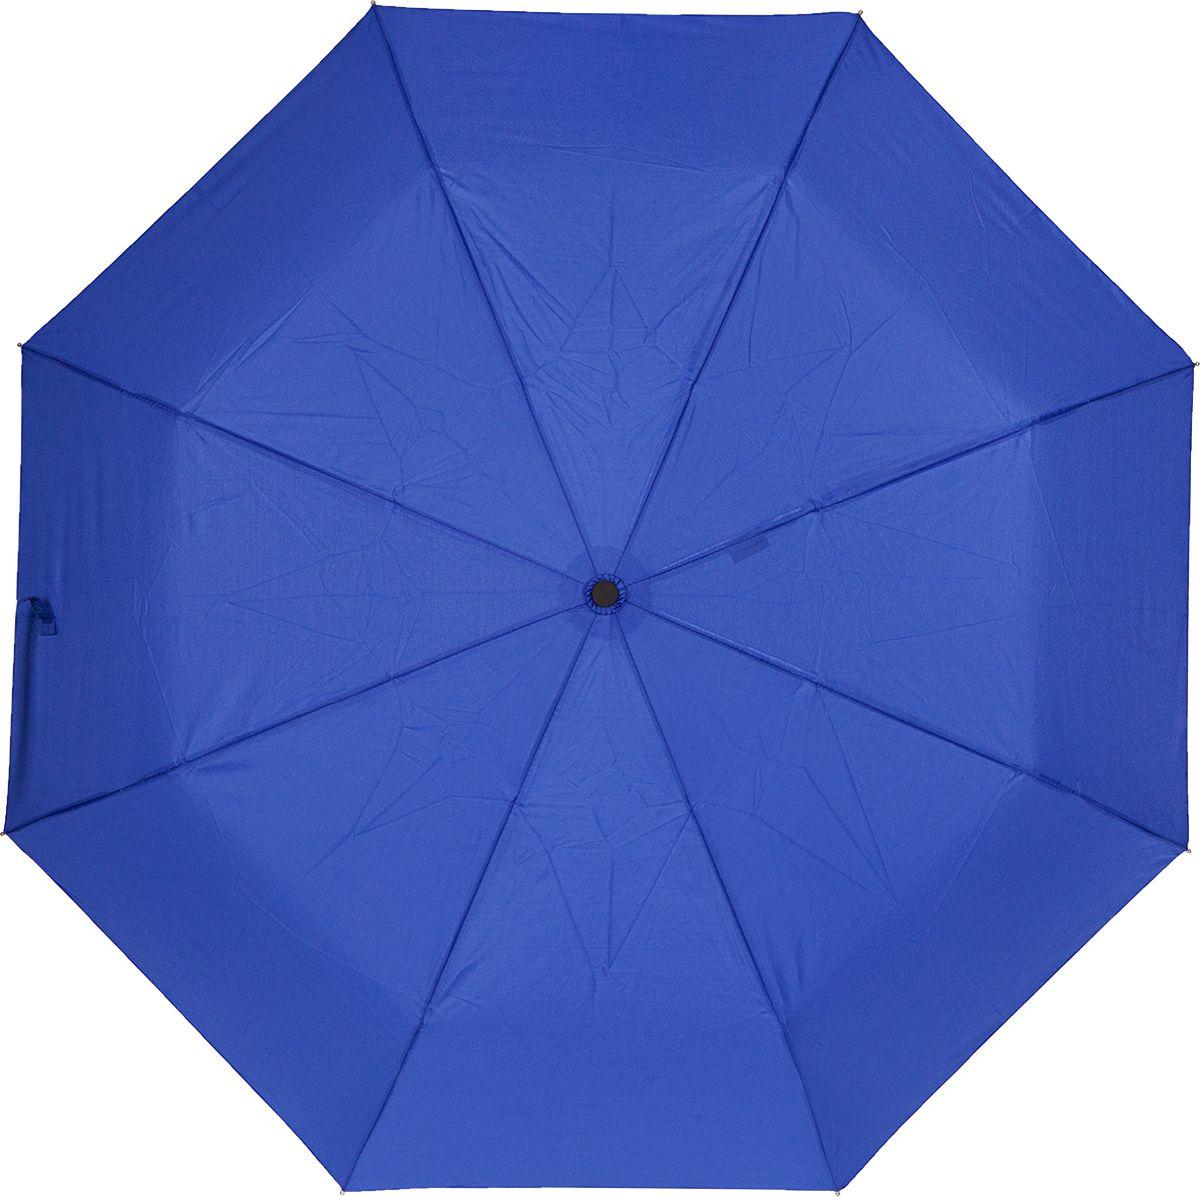 Зонт женский Labbra, цвет: синий. A3-05-LT200aБусы-ошейникЖенский зонт-автомат торговой марки LABBRA с проявляющимся рисунком. Изображение на зонте начинает проявляться, как только ткань купола намокает, при высыхании рисунок тускнеет и исчезает. Купол: 100% полиэстер, эпонж. Материал каркаса: сталь + алюминий + фибергласс. Материал ручки: пластик. Длина изделия - 29 см. Диаметр купола - 105 см.